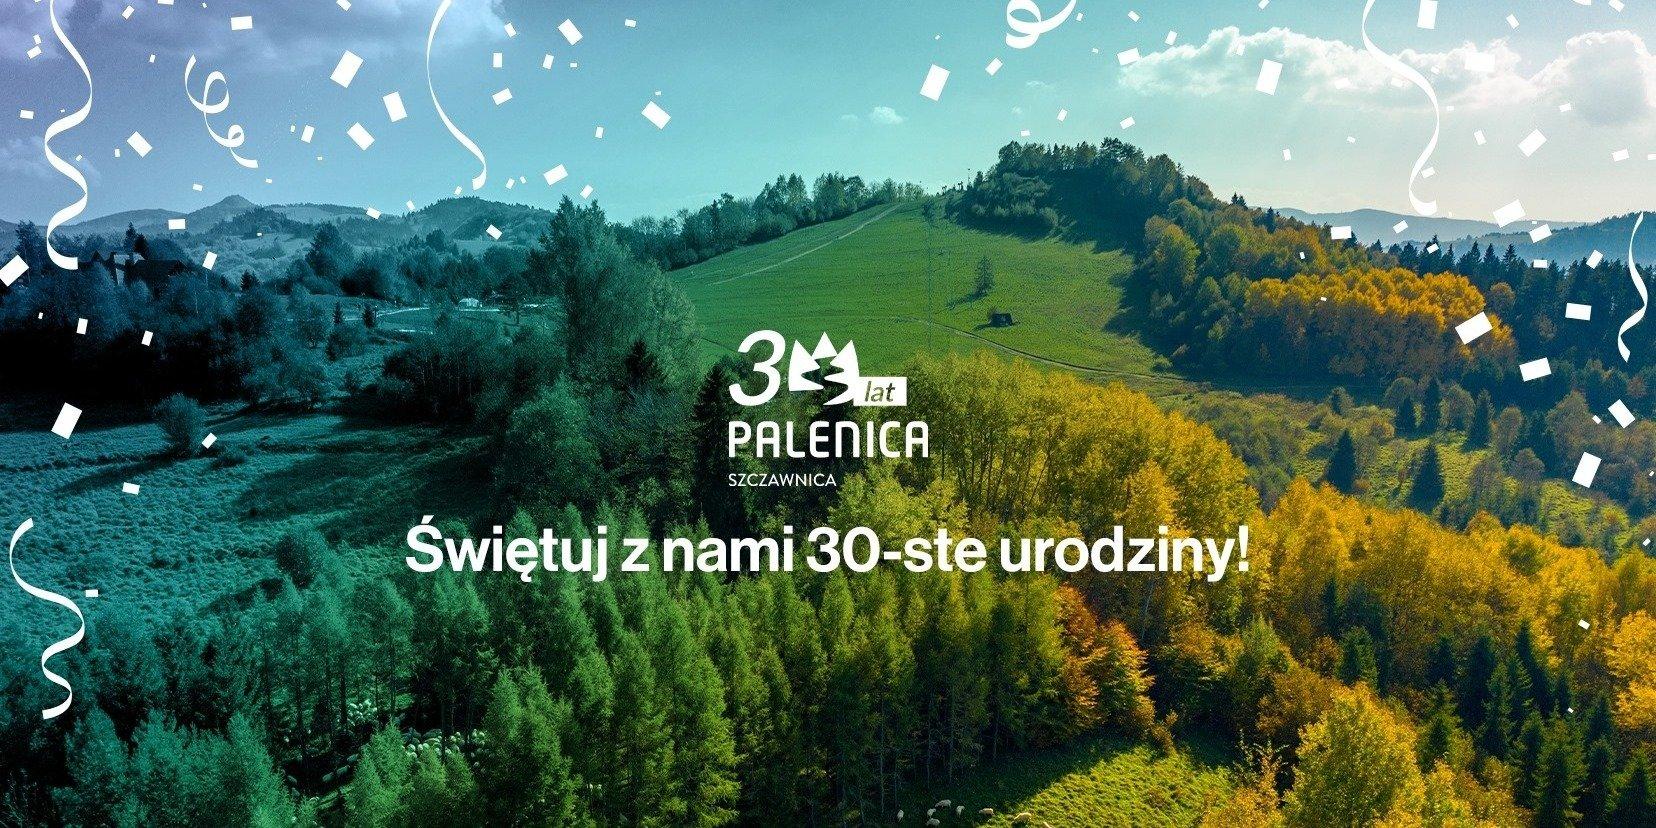 Świętujemy 30 urodziny ośrodka turystycznego PKL Palenica w Szczawnicy